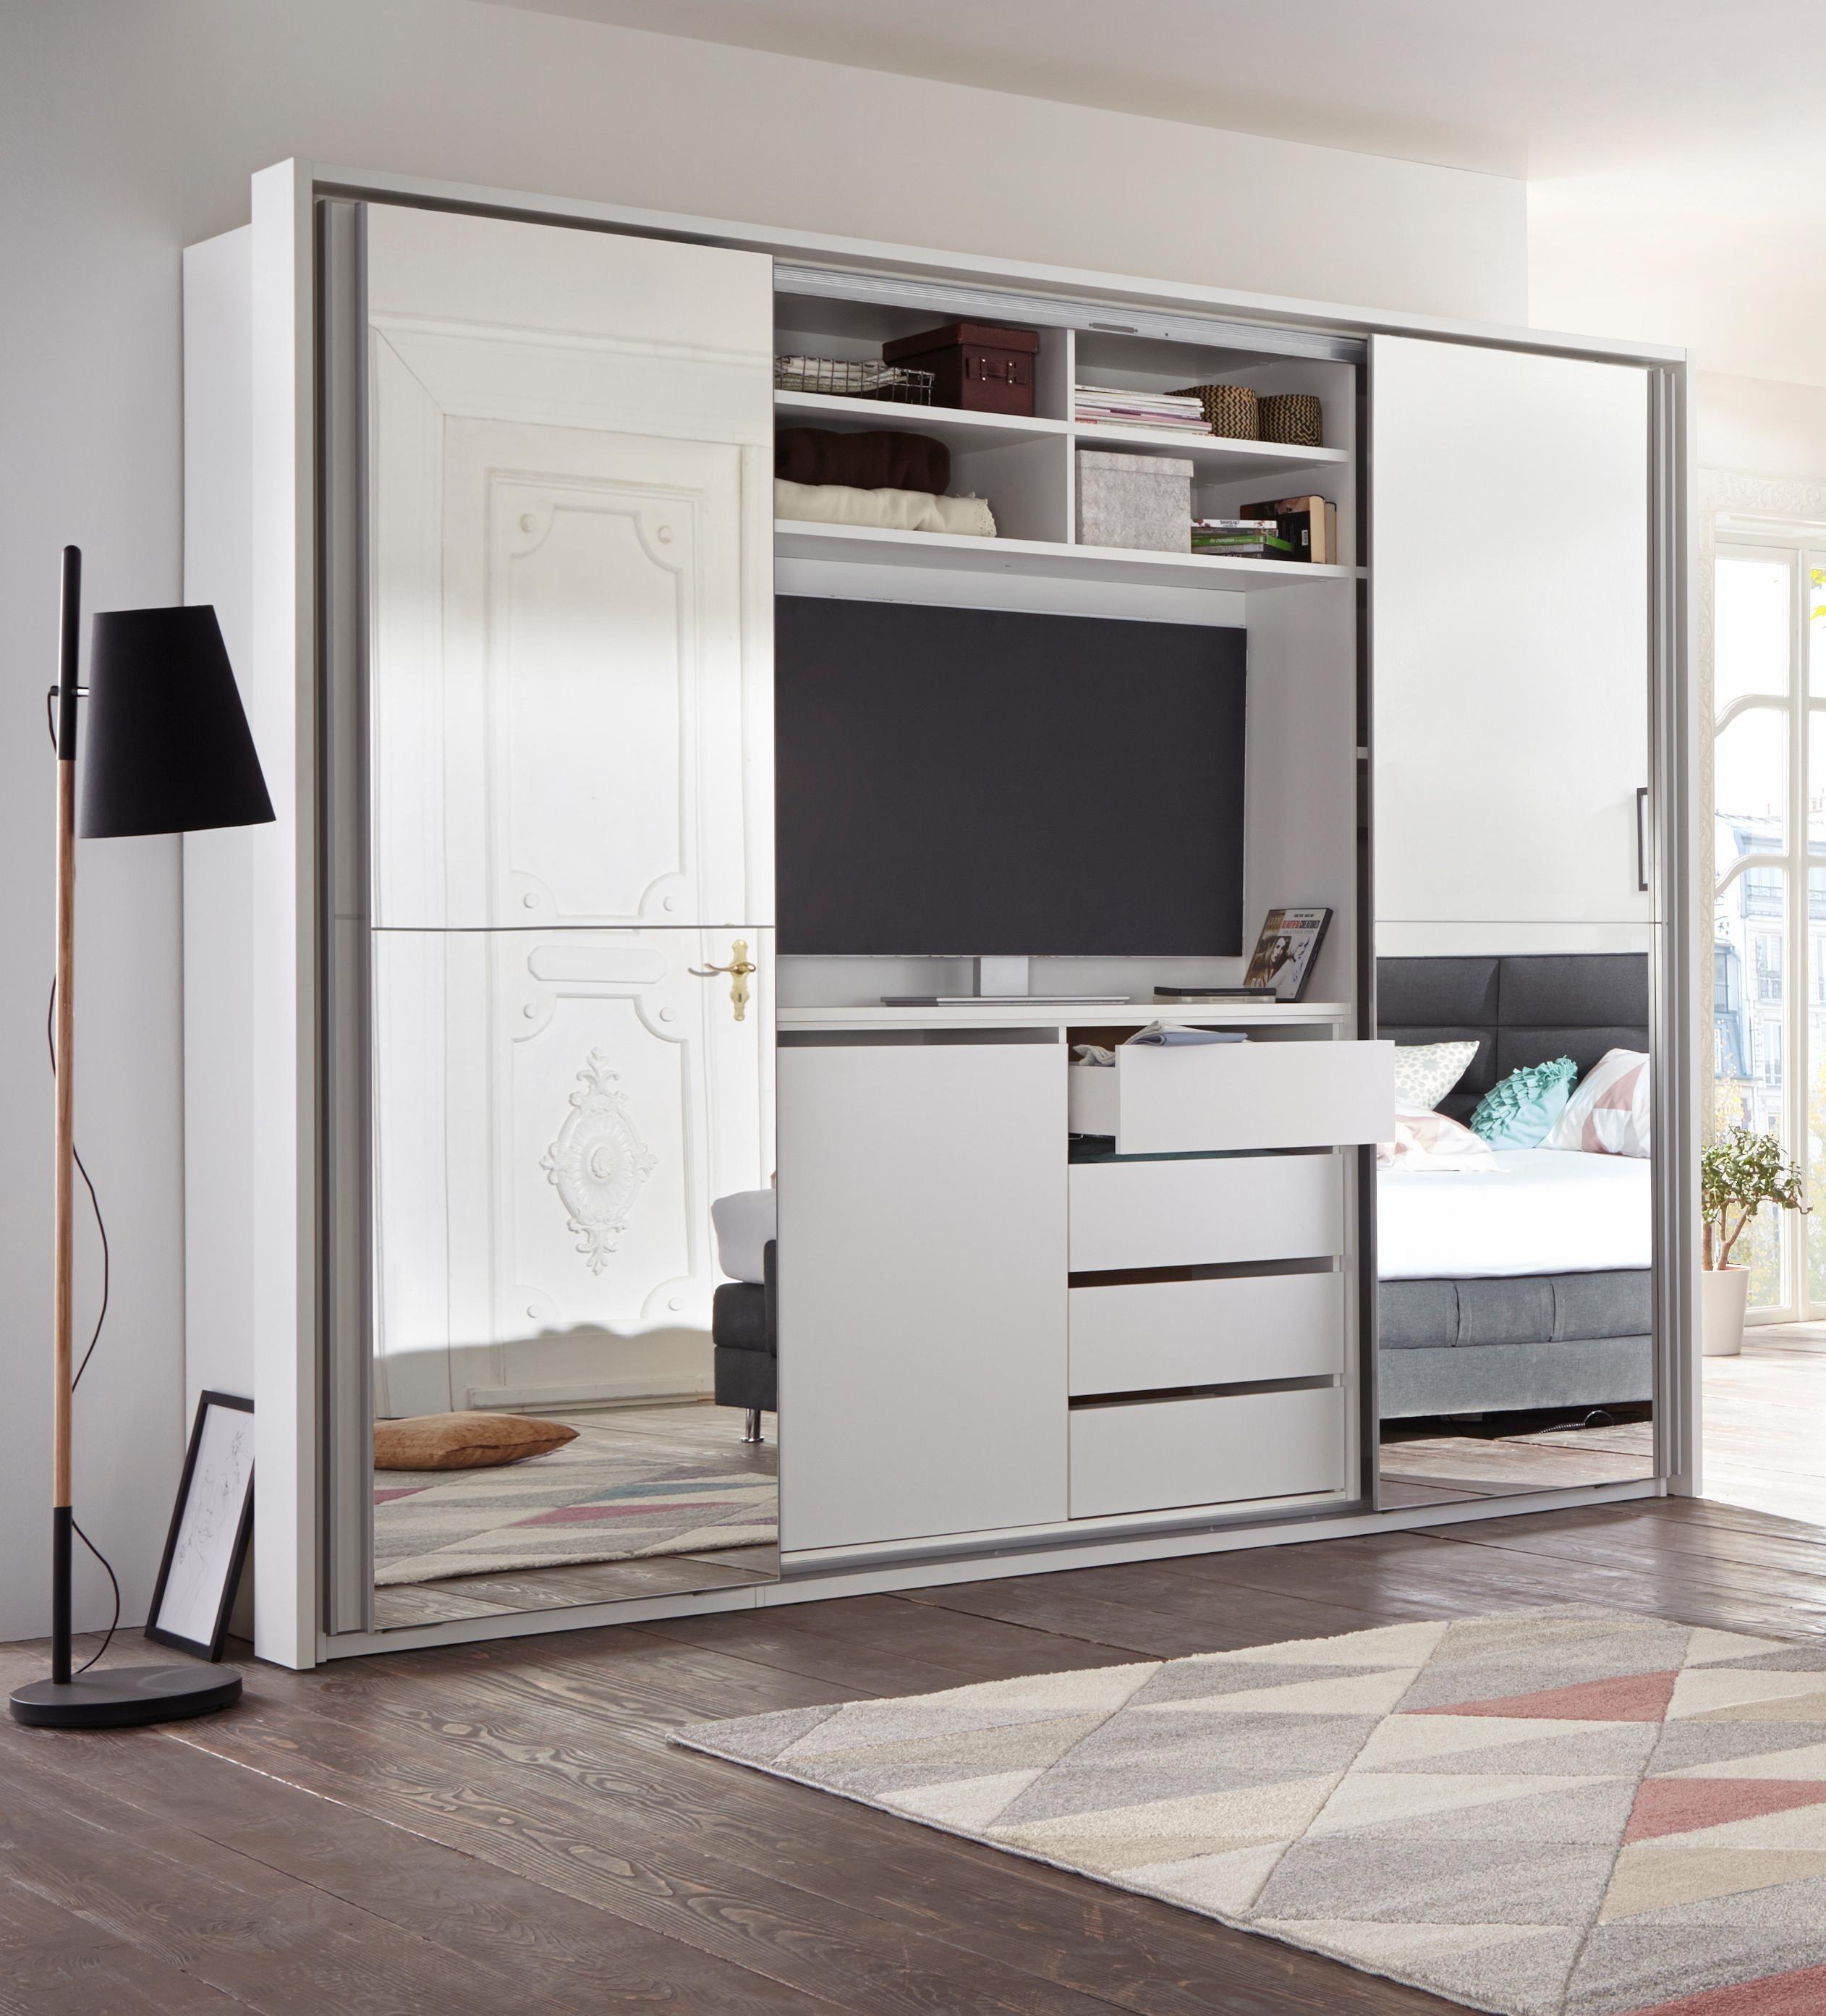 10 sparen schwebet renschrank mit spiegel nur 899 99 cherry m bel otto. Black Bedroom Furniture Sets. Home Design Ideas